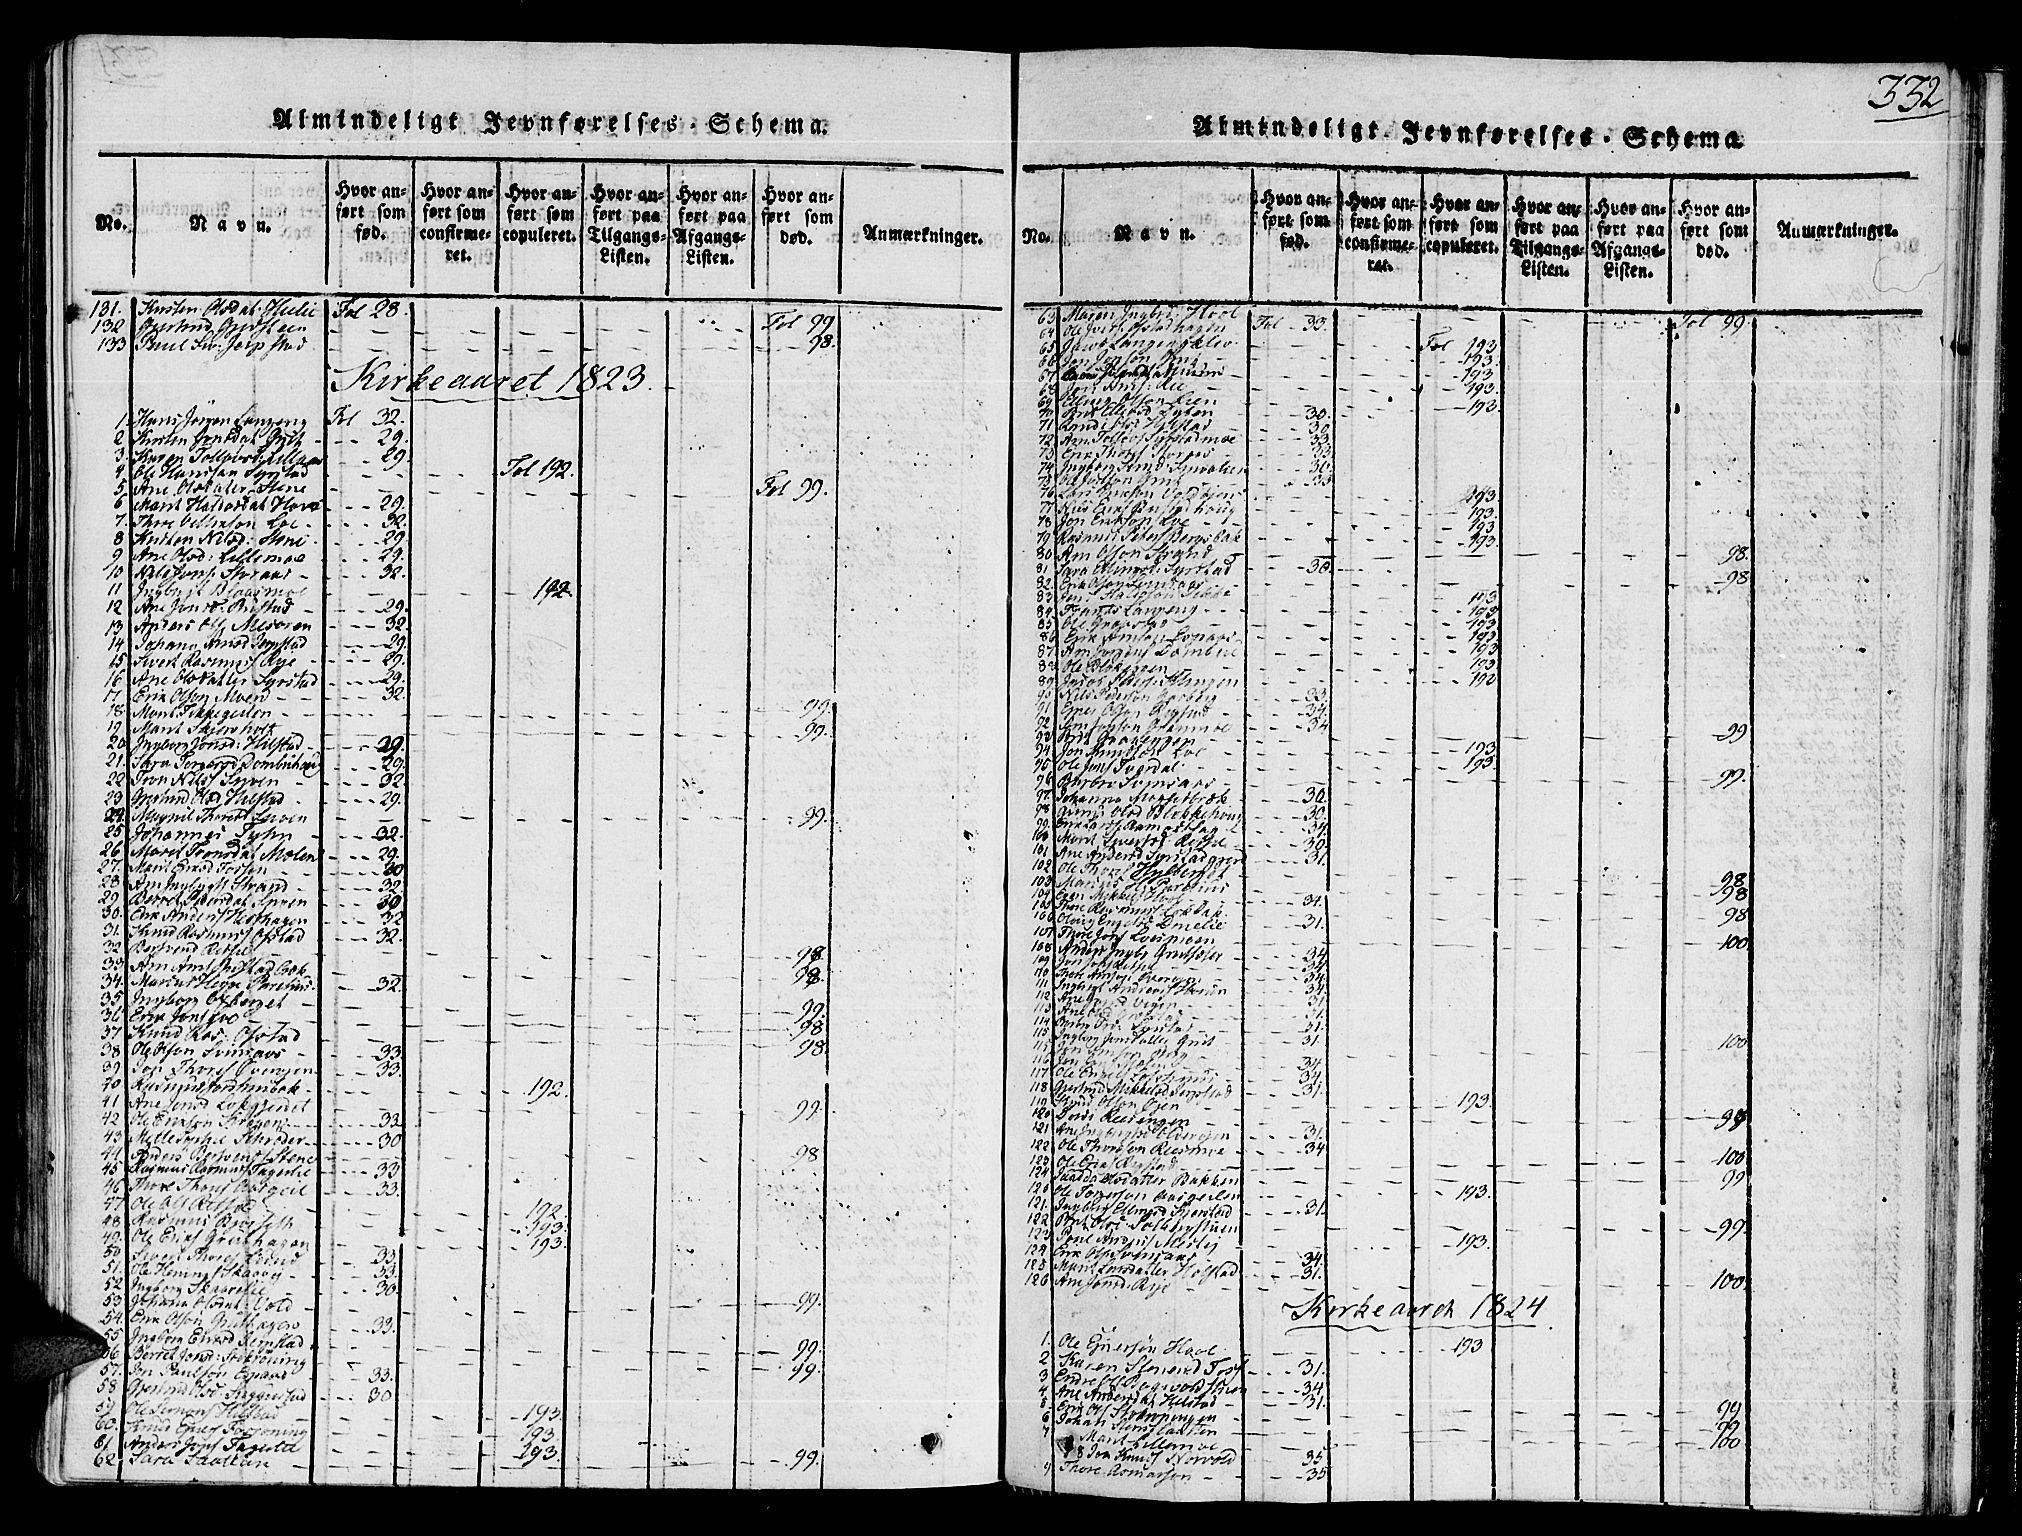 SAT, Ministerialprotokoller, klokkerbøker og fødselsregistre - Sør-Trøndelag, 672/L0853: Ministerialbok nr. 672A06 /1, 1816-1829, s. 332